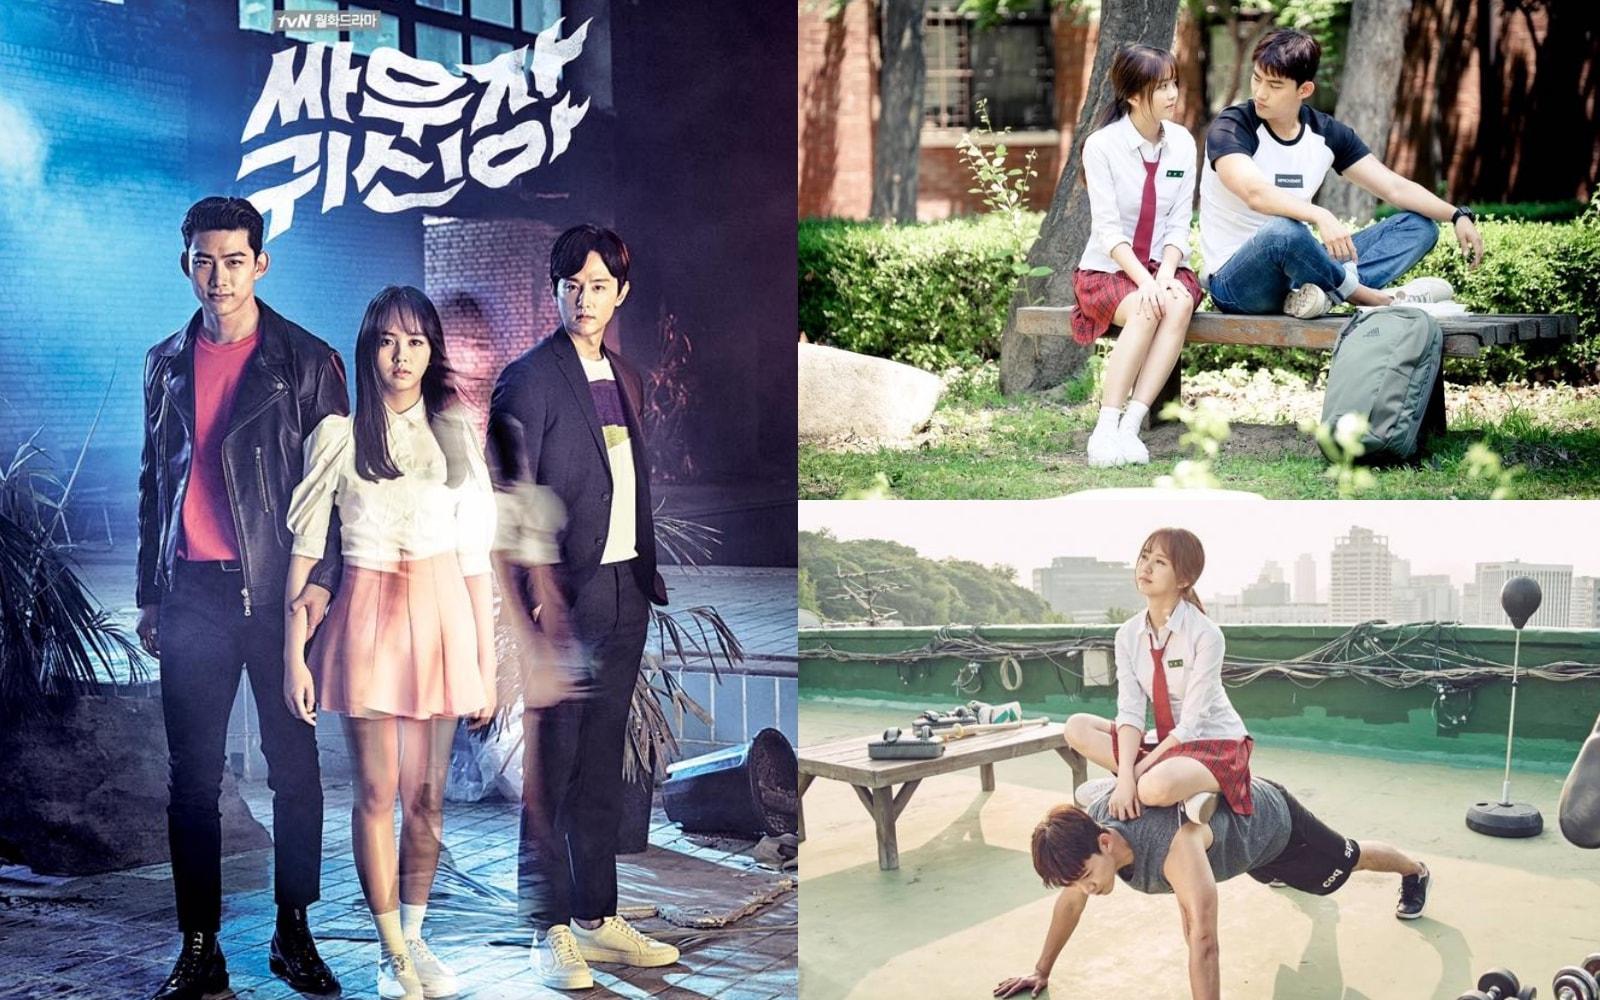 10 ผลงานซีรี่ย์ของ คิมโซฮยอน (Kim So Hyun) ที่คิดว่าสนุกที่สุด!